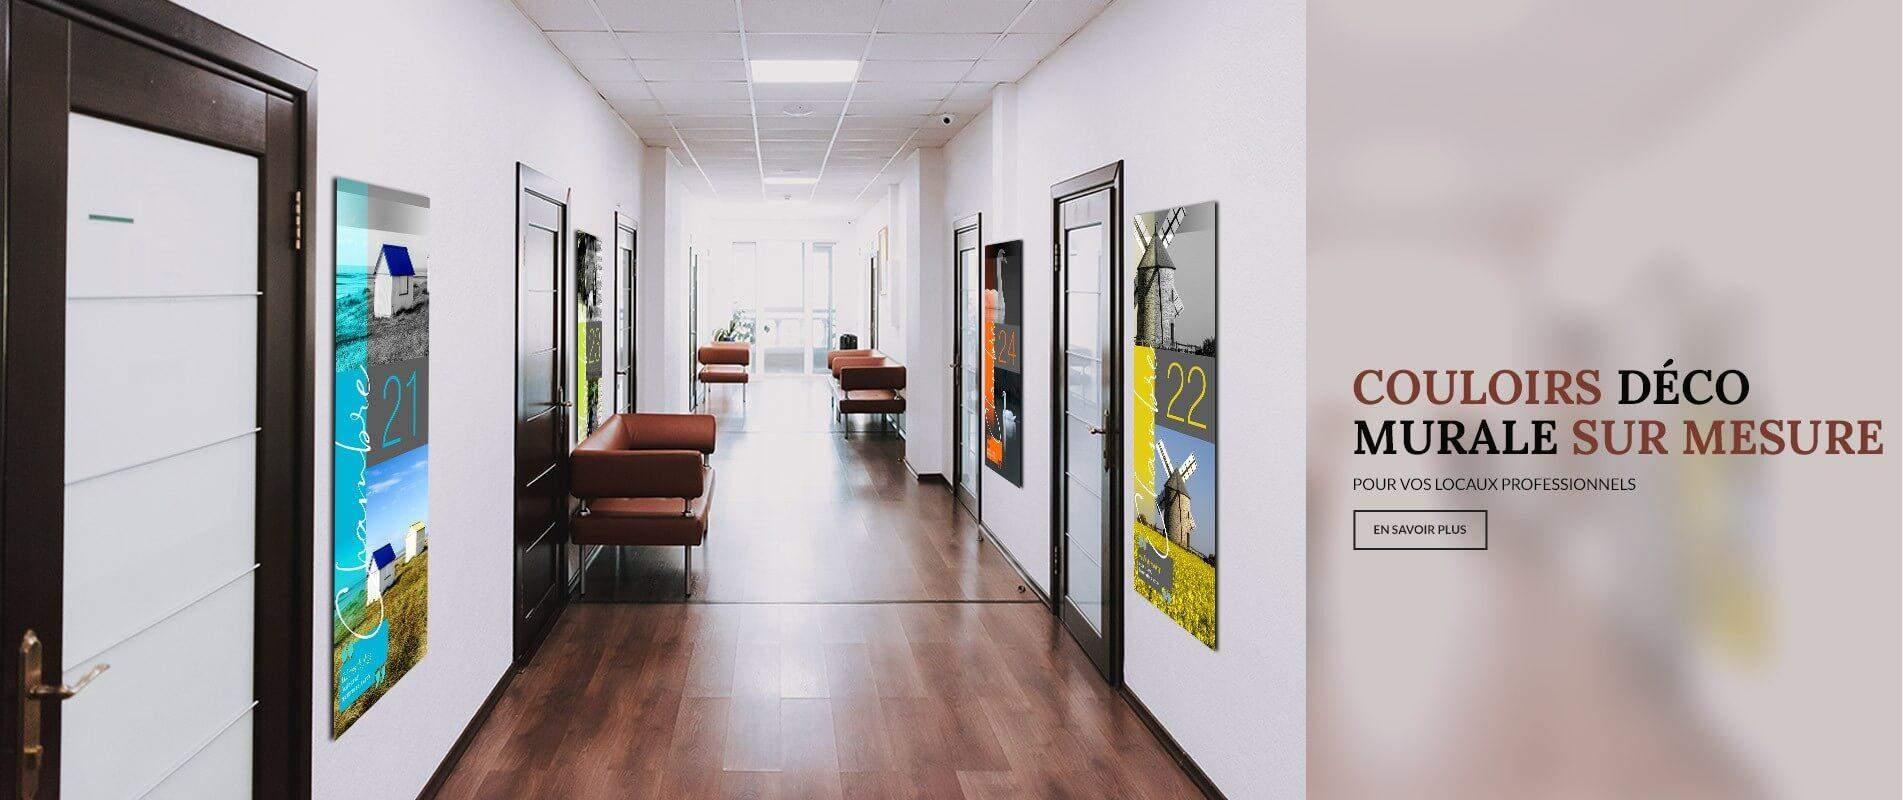 Demandez-nous un avis pour vous aider dans la décoration sur mesure de vos bureaux